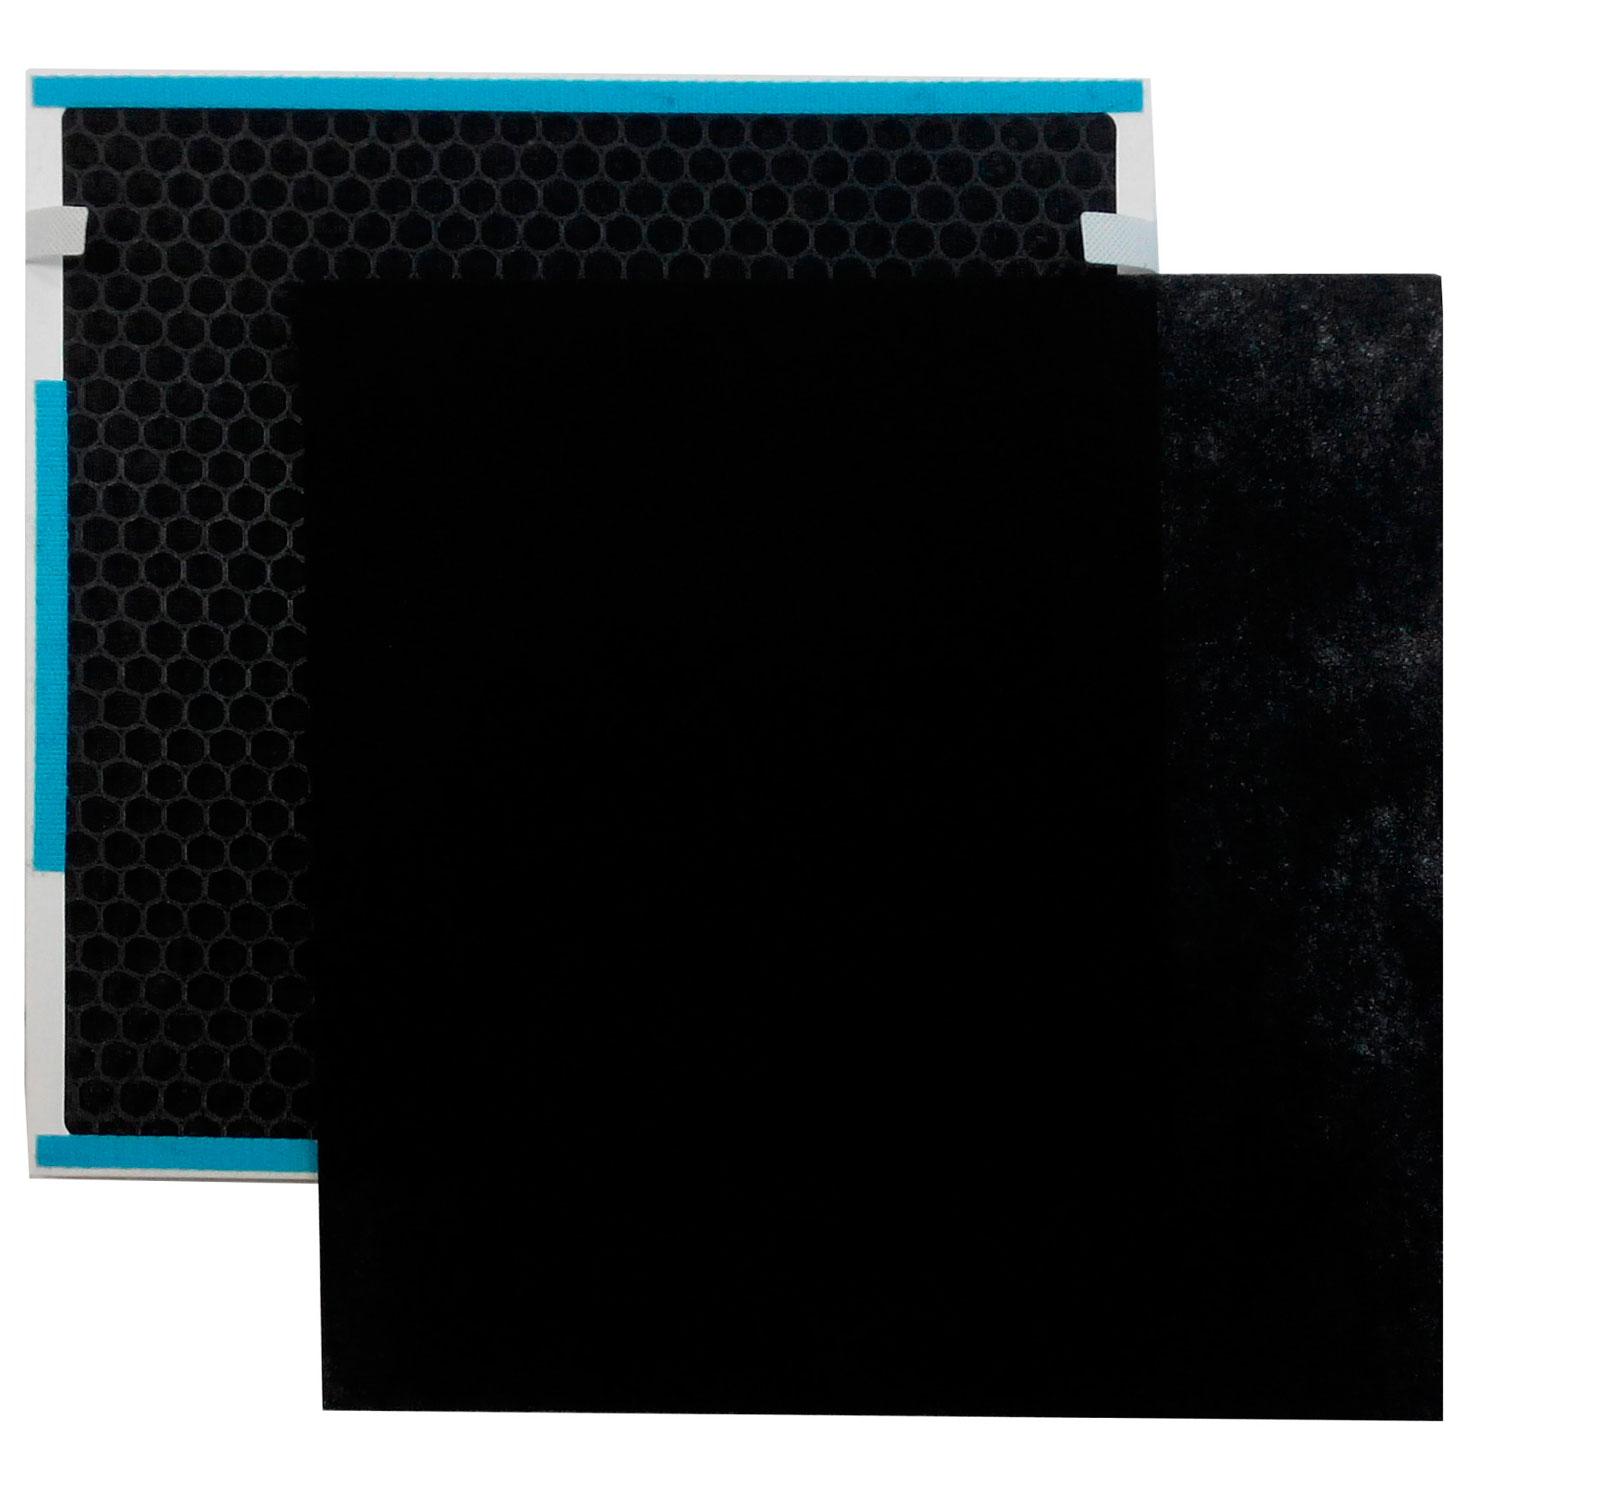 Фильтр для очистителей воздуха AIC CF8005 philips ac4123 02 сменный угольный фильтр для ac4004 1 шт